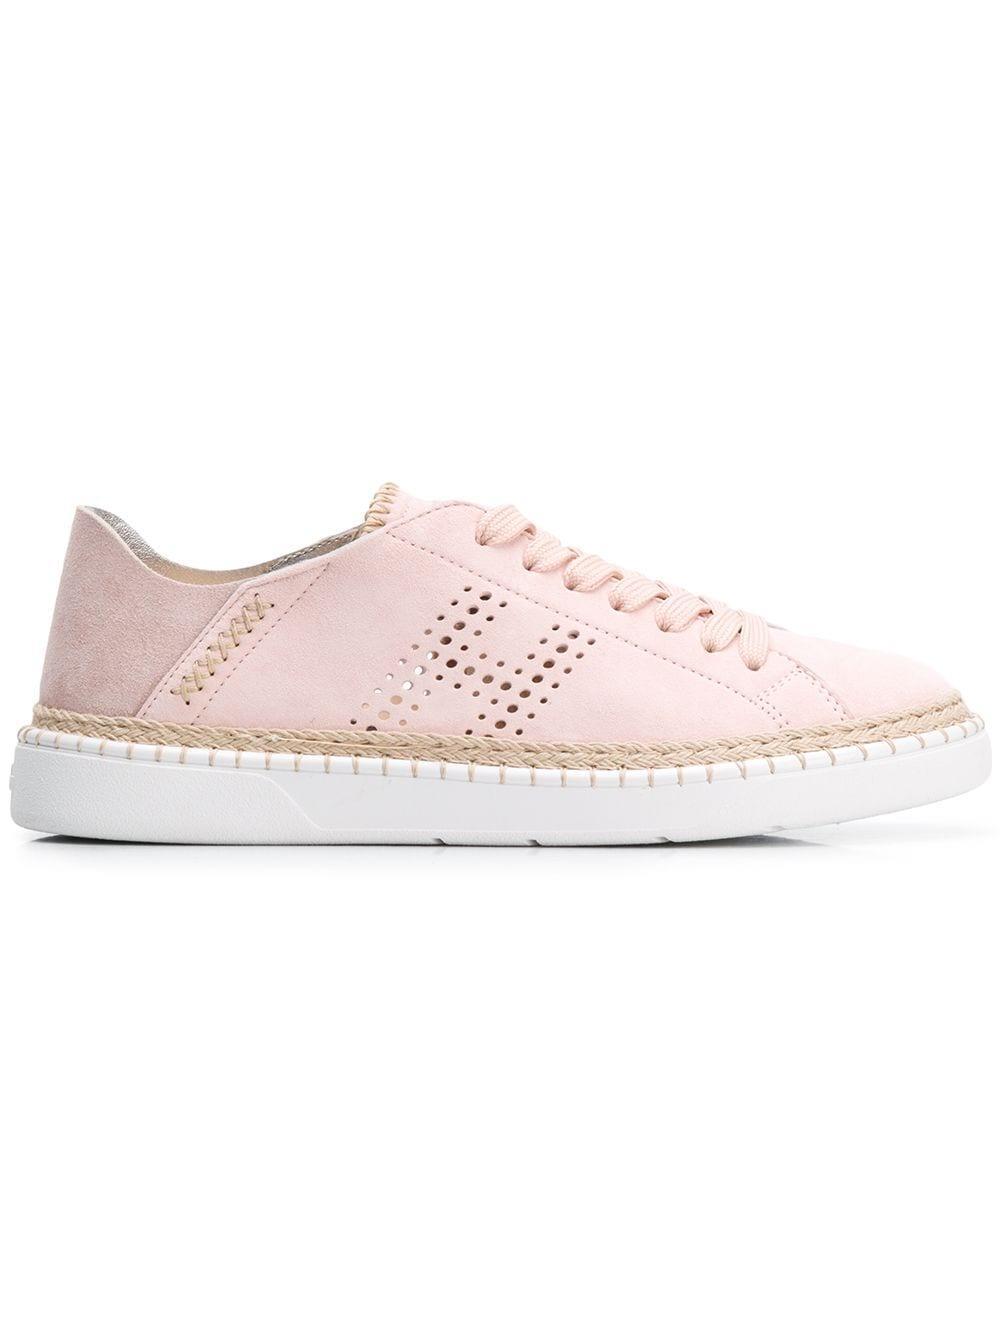 Hogan Suede H327 Sneakers in Pink - Lyst